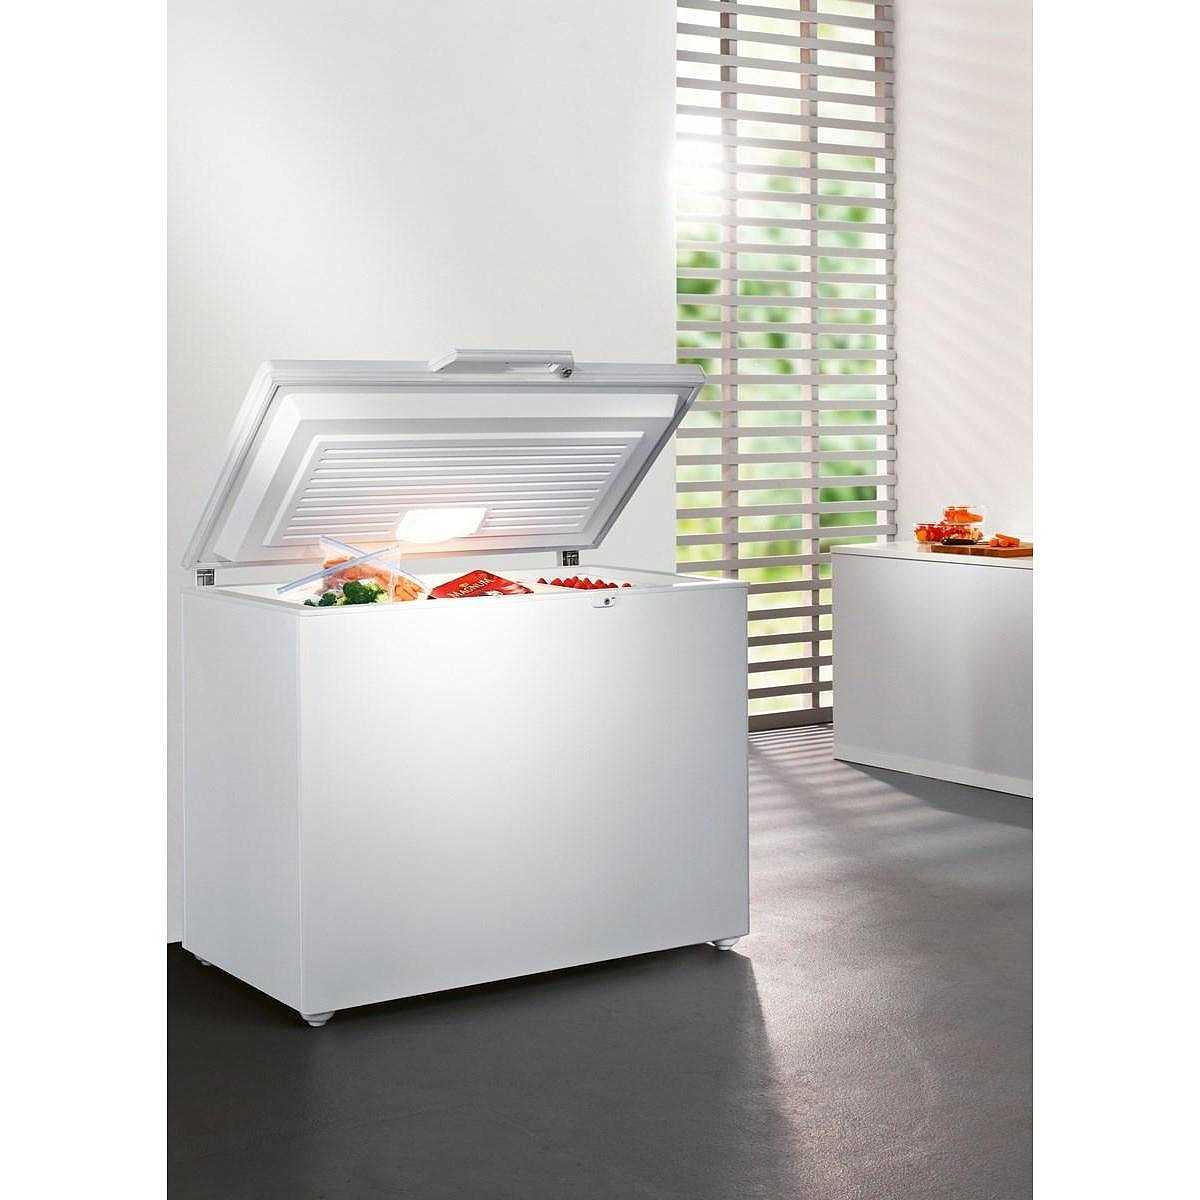 liebherr gtp 2356 congelatore orizzontale 200 litri smartfrost classe a colore bianco. Black Bedroom Furniture Sets. Home Design Ideas